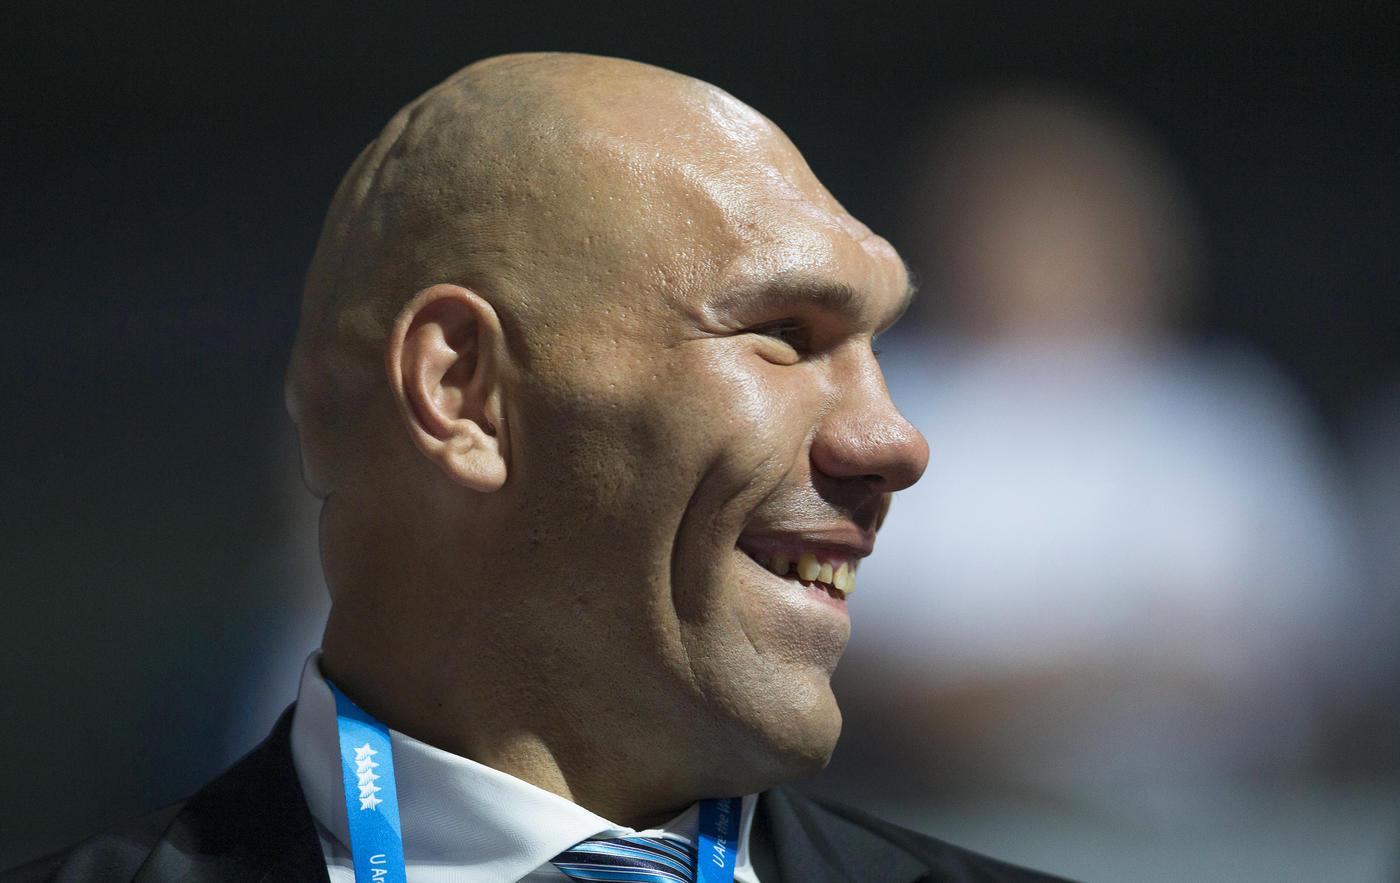 Валуев высказался по поводу запрета «Катюши» на Олимпиаде - фото